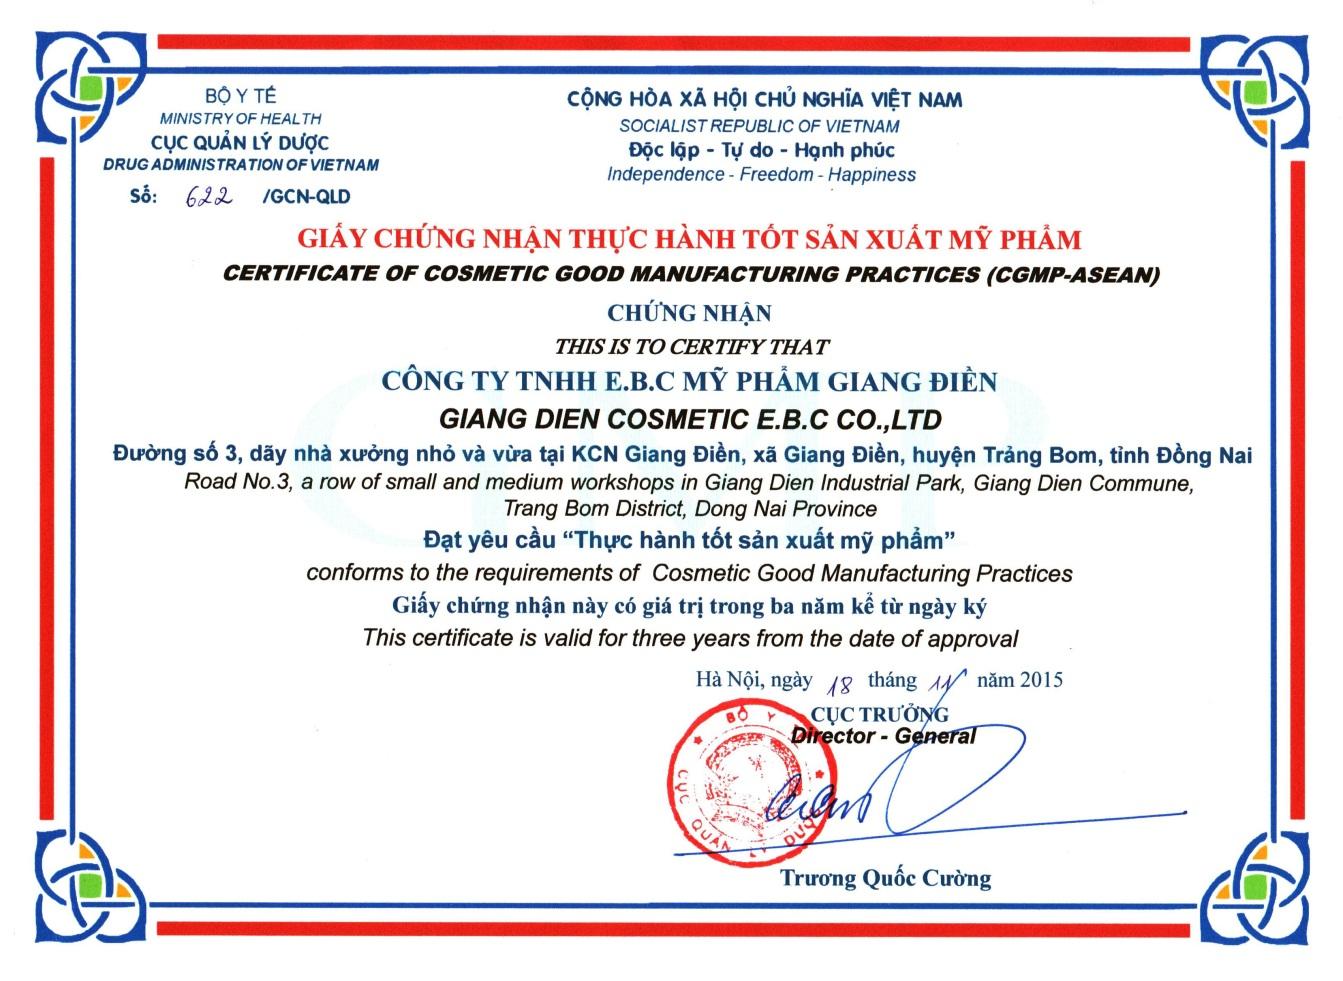 Chứng nhận White Doctors thực hành tốt sản xuất CGMP-ASEAN